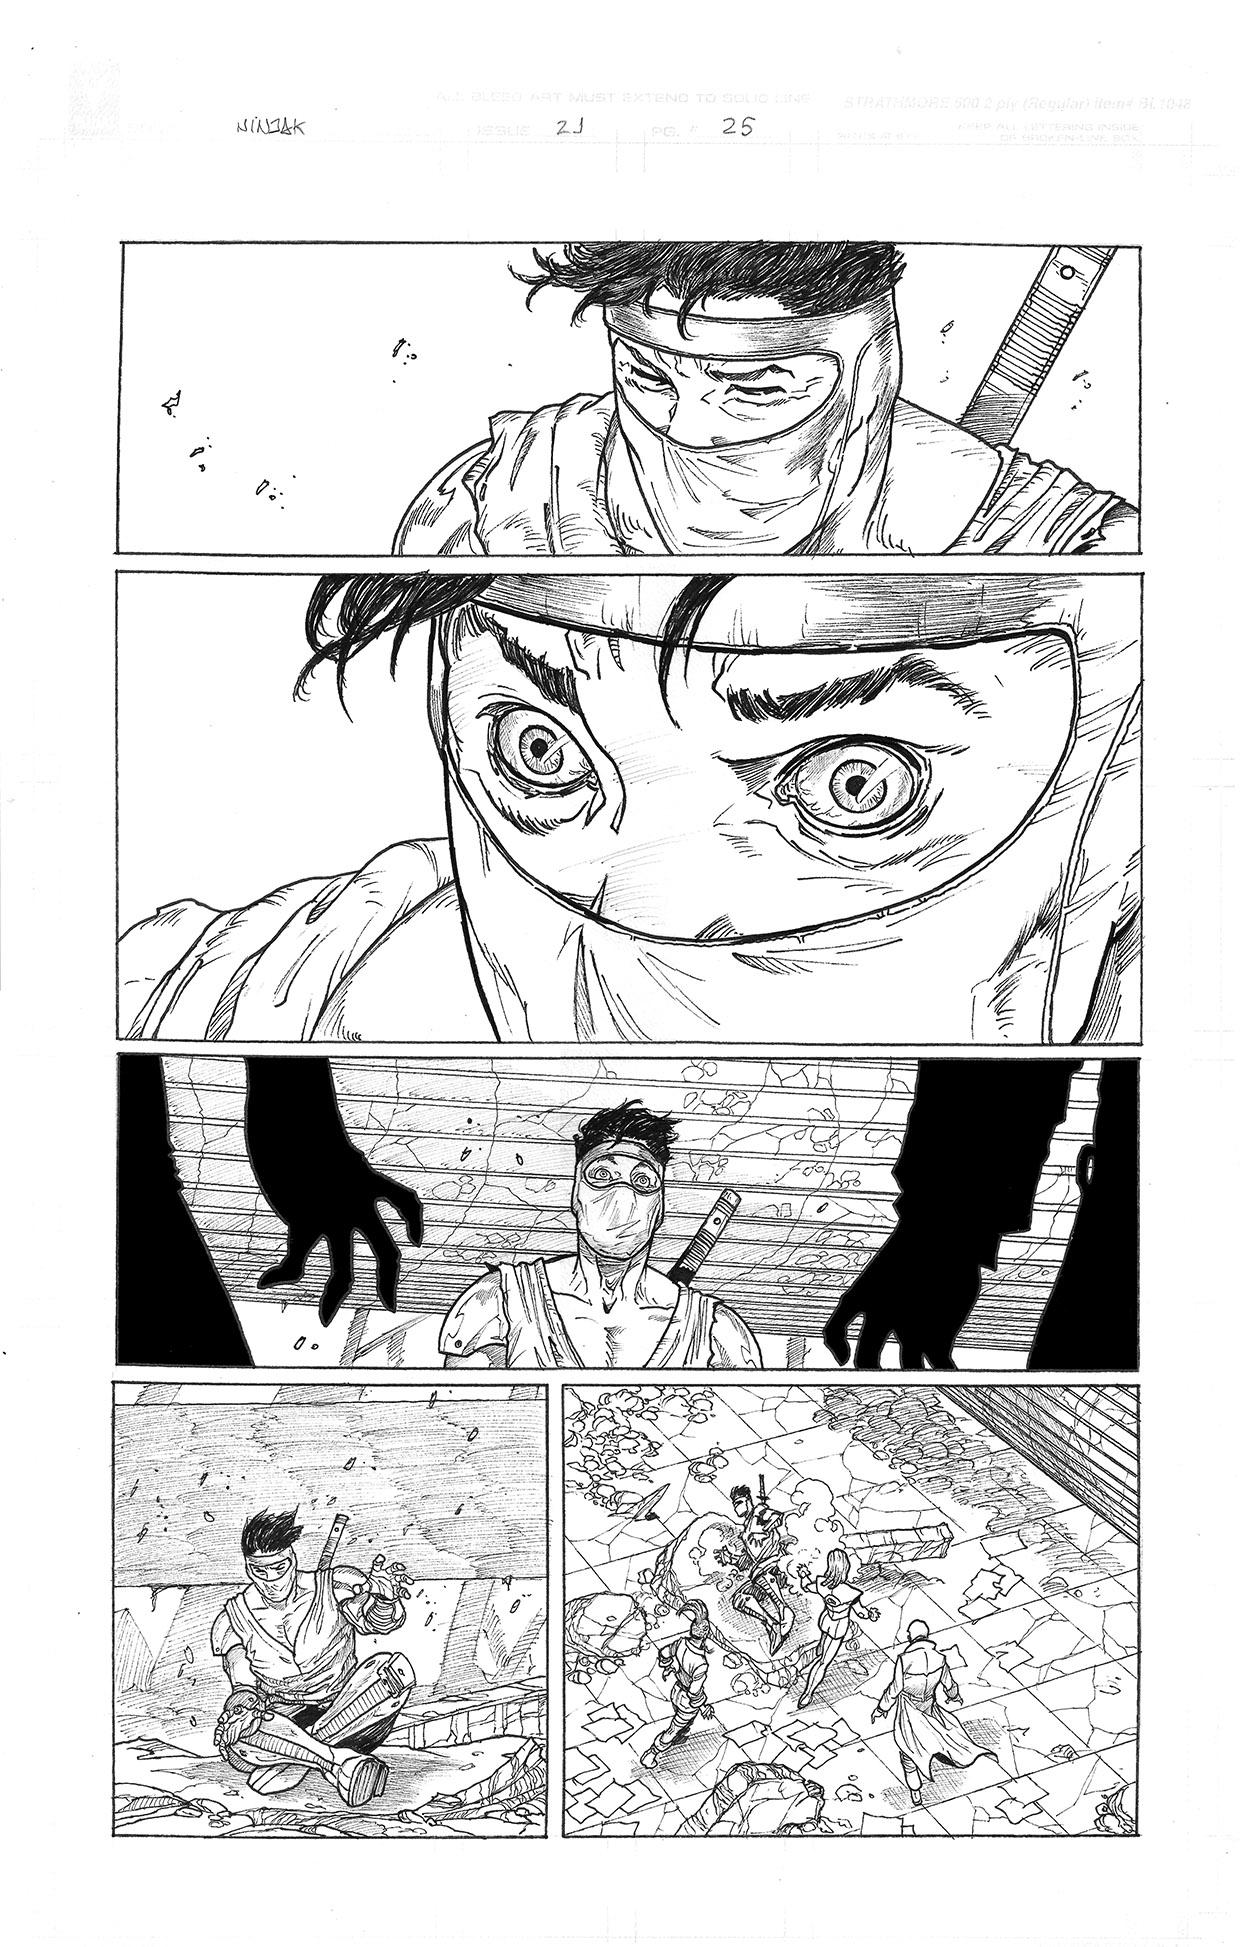 Ninjak #21 page 25